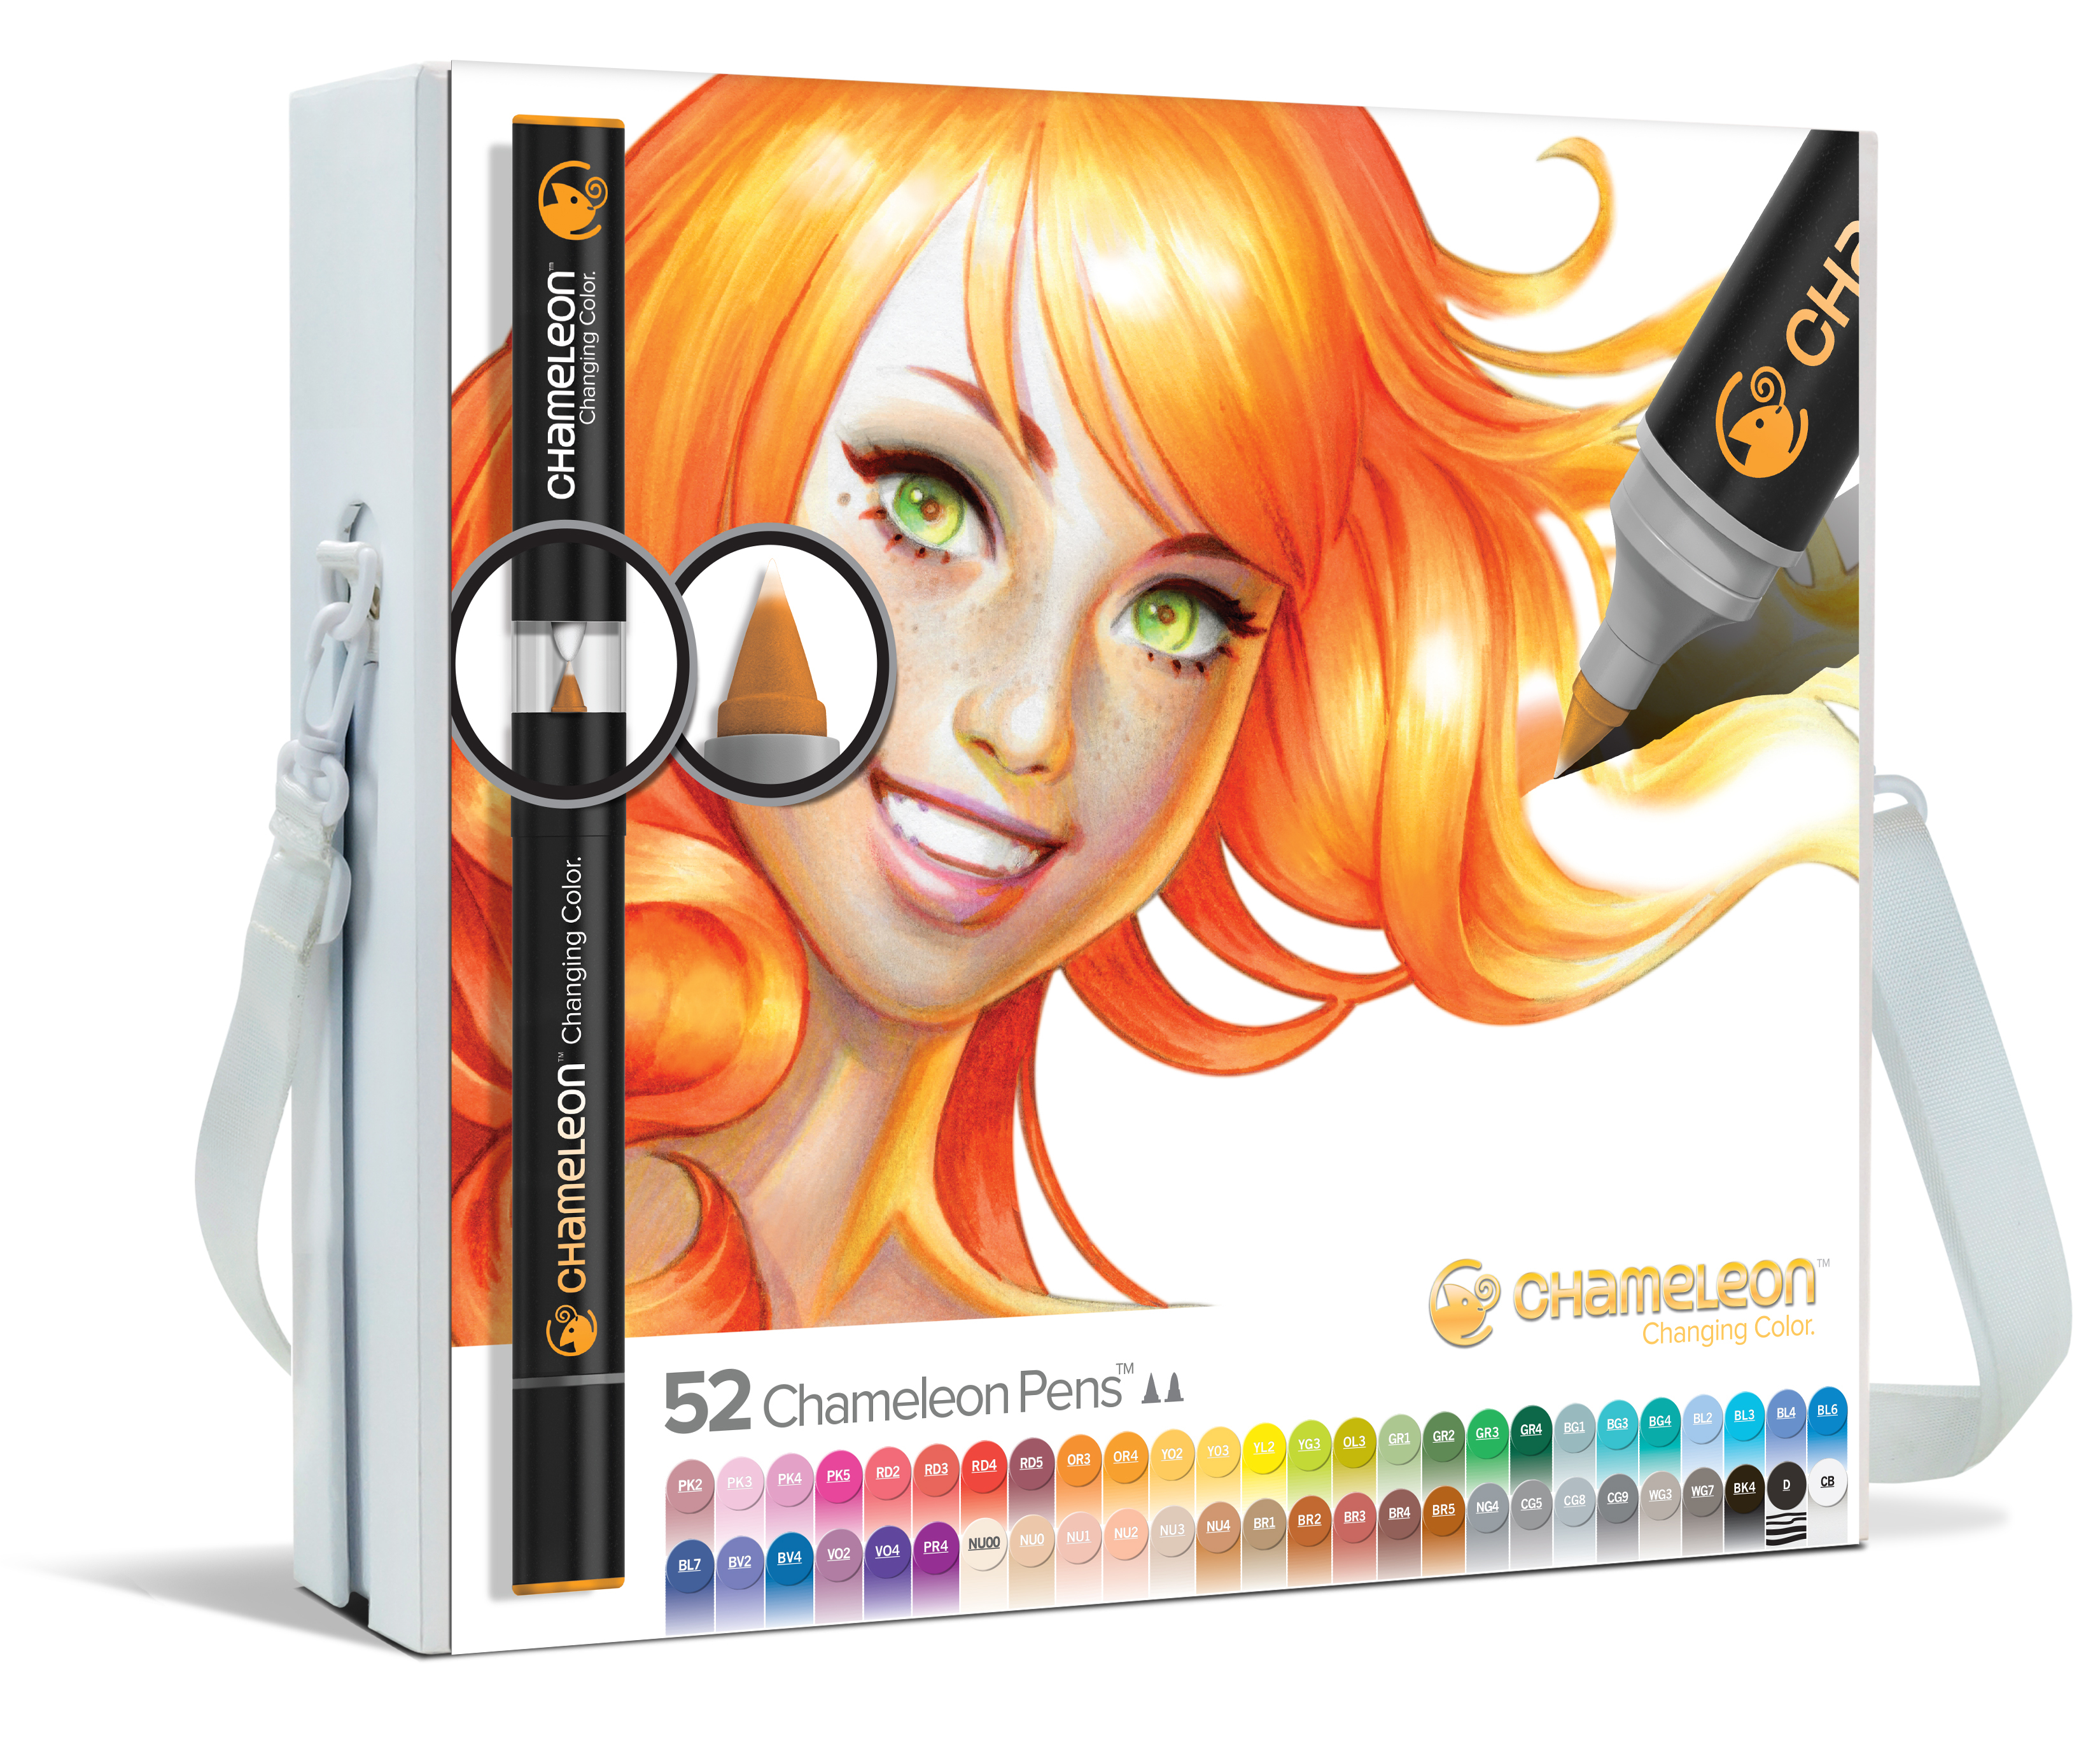 Chameleon Pen 52 Pen Complete Set (カメレオンペン 52本入りコンプリートセット)